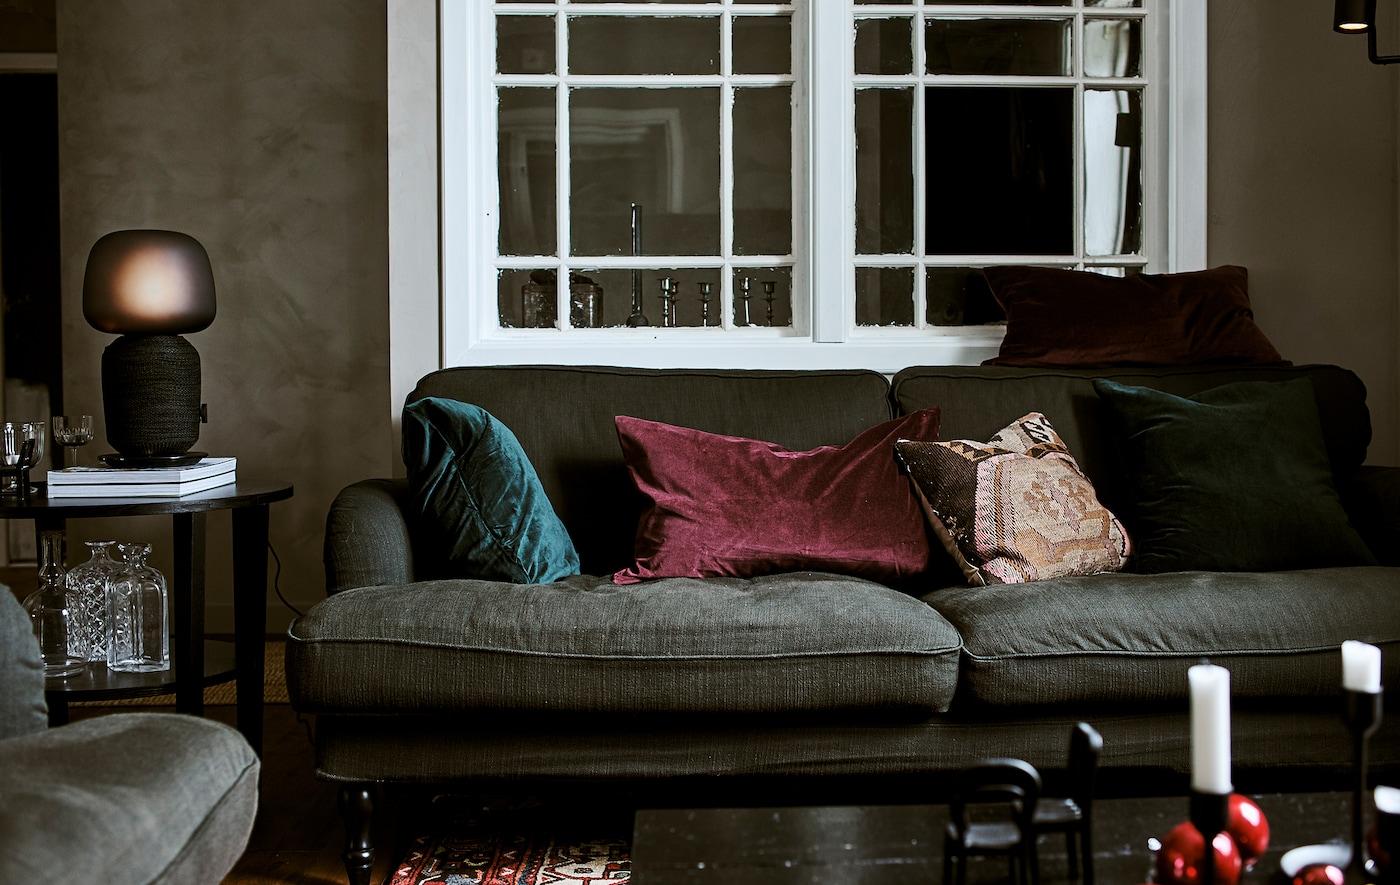 كنبة خضراء مع وسائد بألوان متعدّدة في غرفة جلوس مع نافذة داخلية وطاولة قهوة عليها مصباح طاولة وسجادة فارسية.